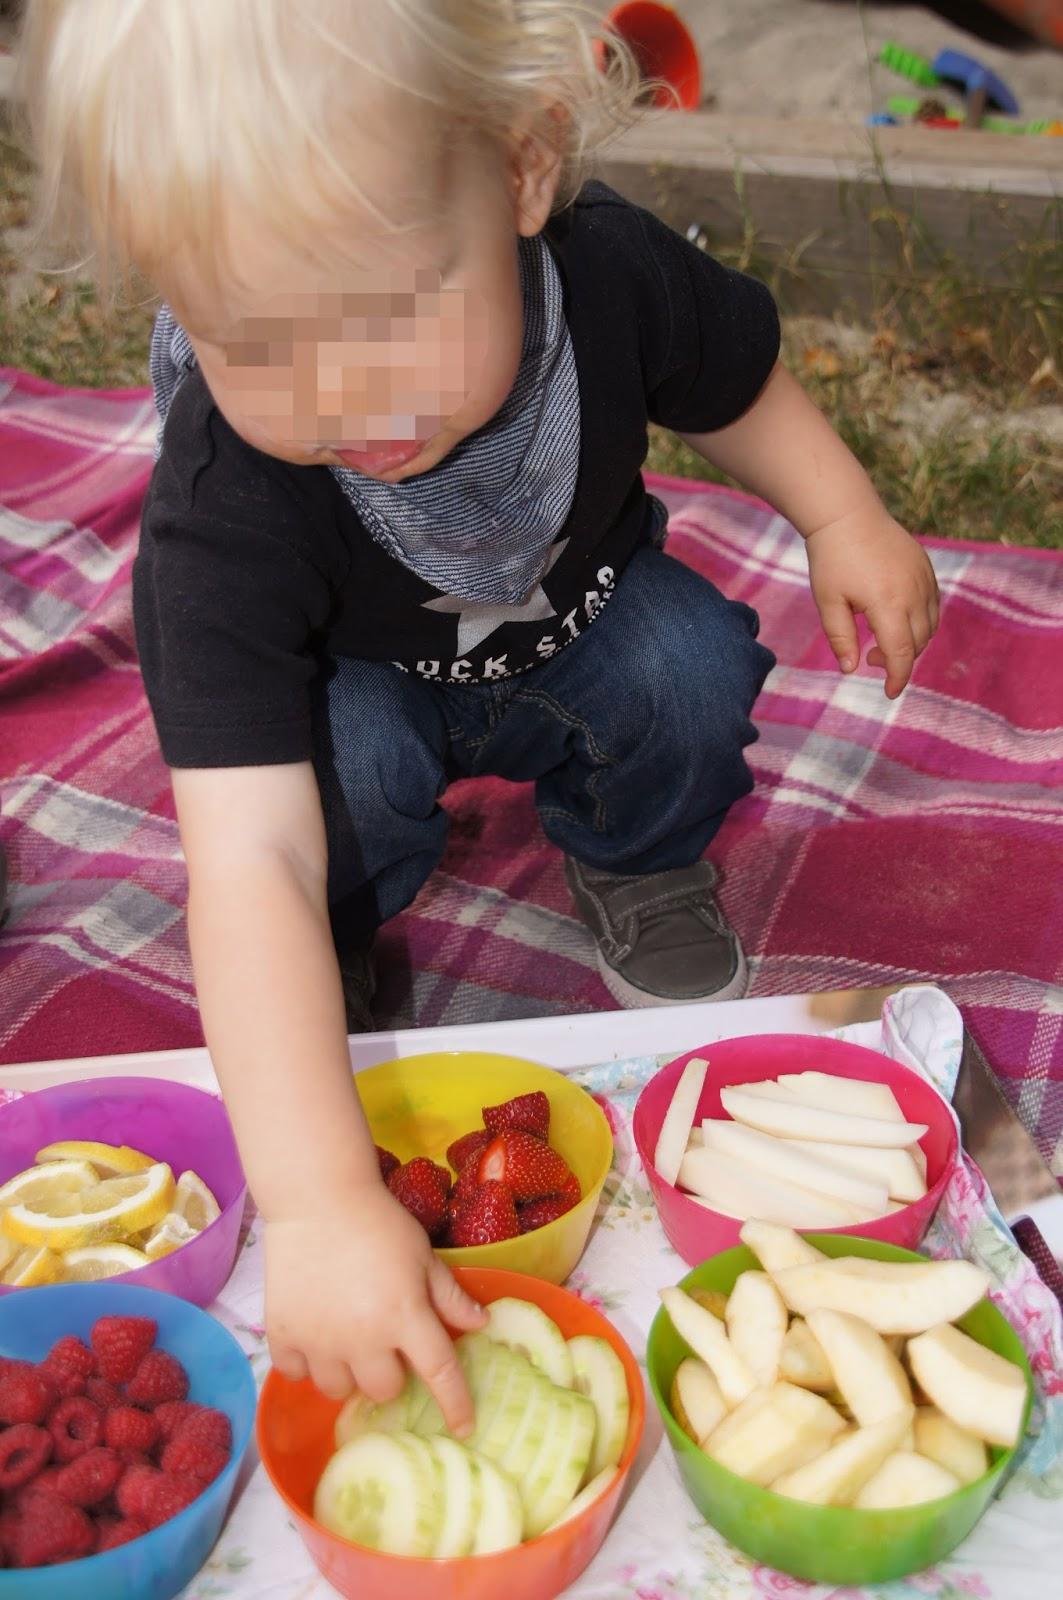 Gl cksfl gel leckerschmecker s es und saures f r den - Obst und gemuseplatte fur kindergarten ...